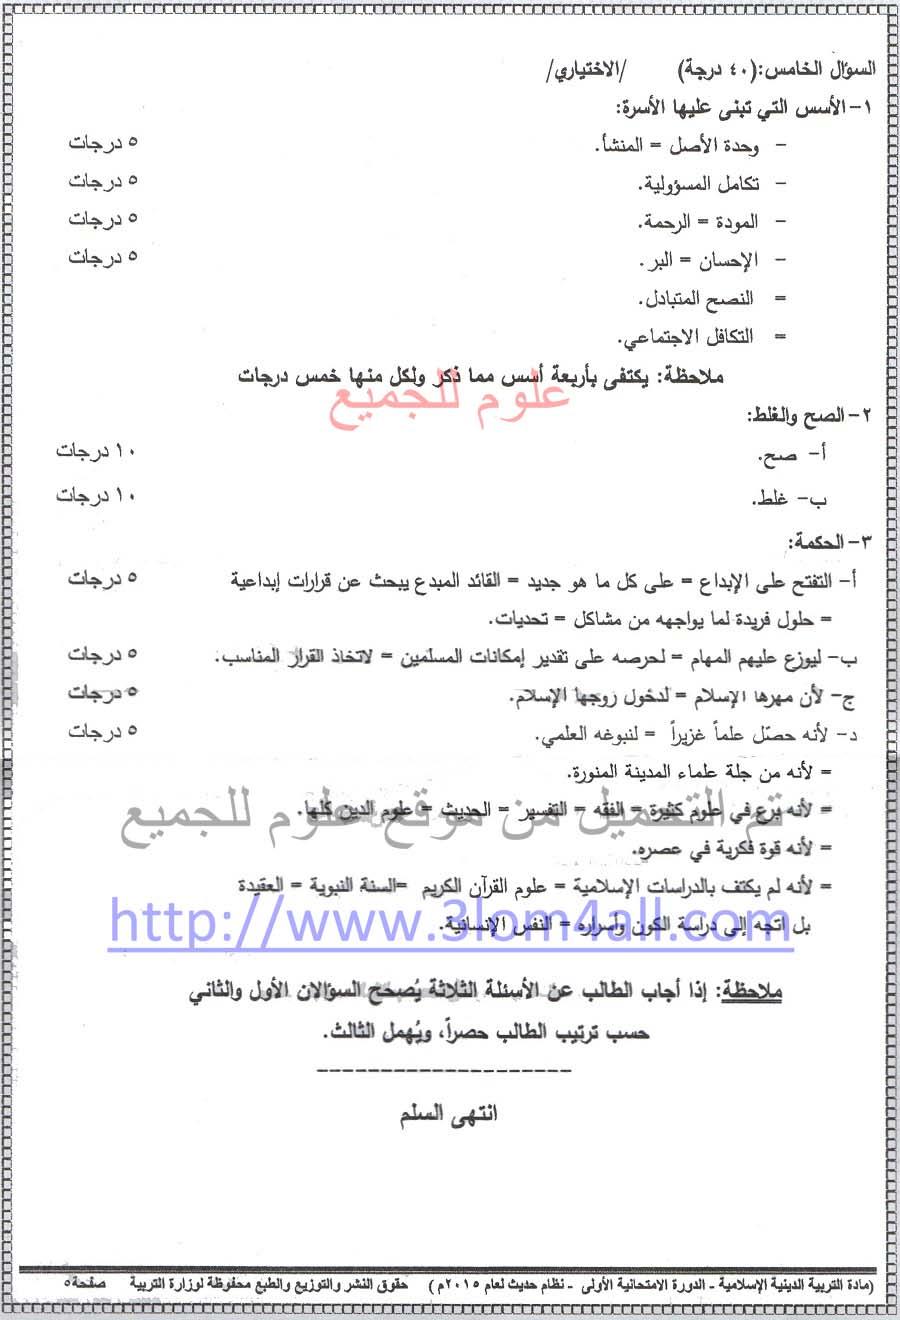 اسئلة امتحان مادة التربية الإسلامية  الديانة بكالوريا سوريا الفرع العلمي والأدبي 1463474677144.jpeg